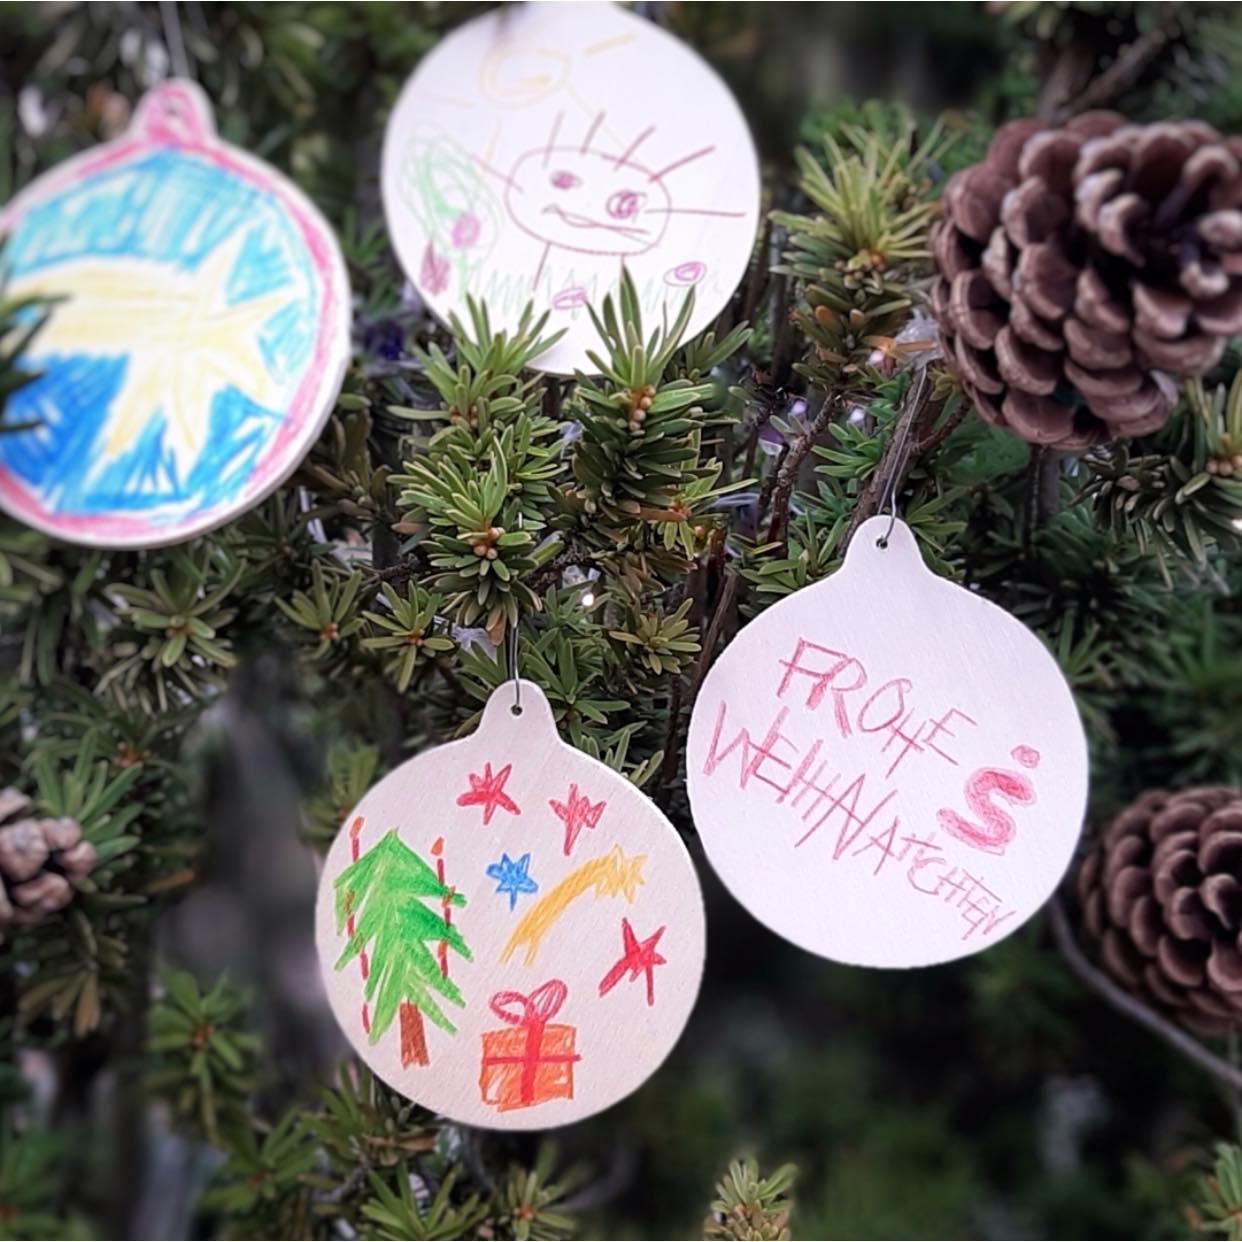 Mein-Wedel-Stadtsparkasse-Wedel-Weihnachtsbaum-Schmuck-Spende-Kinder